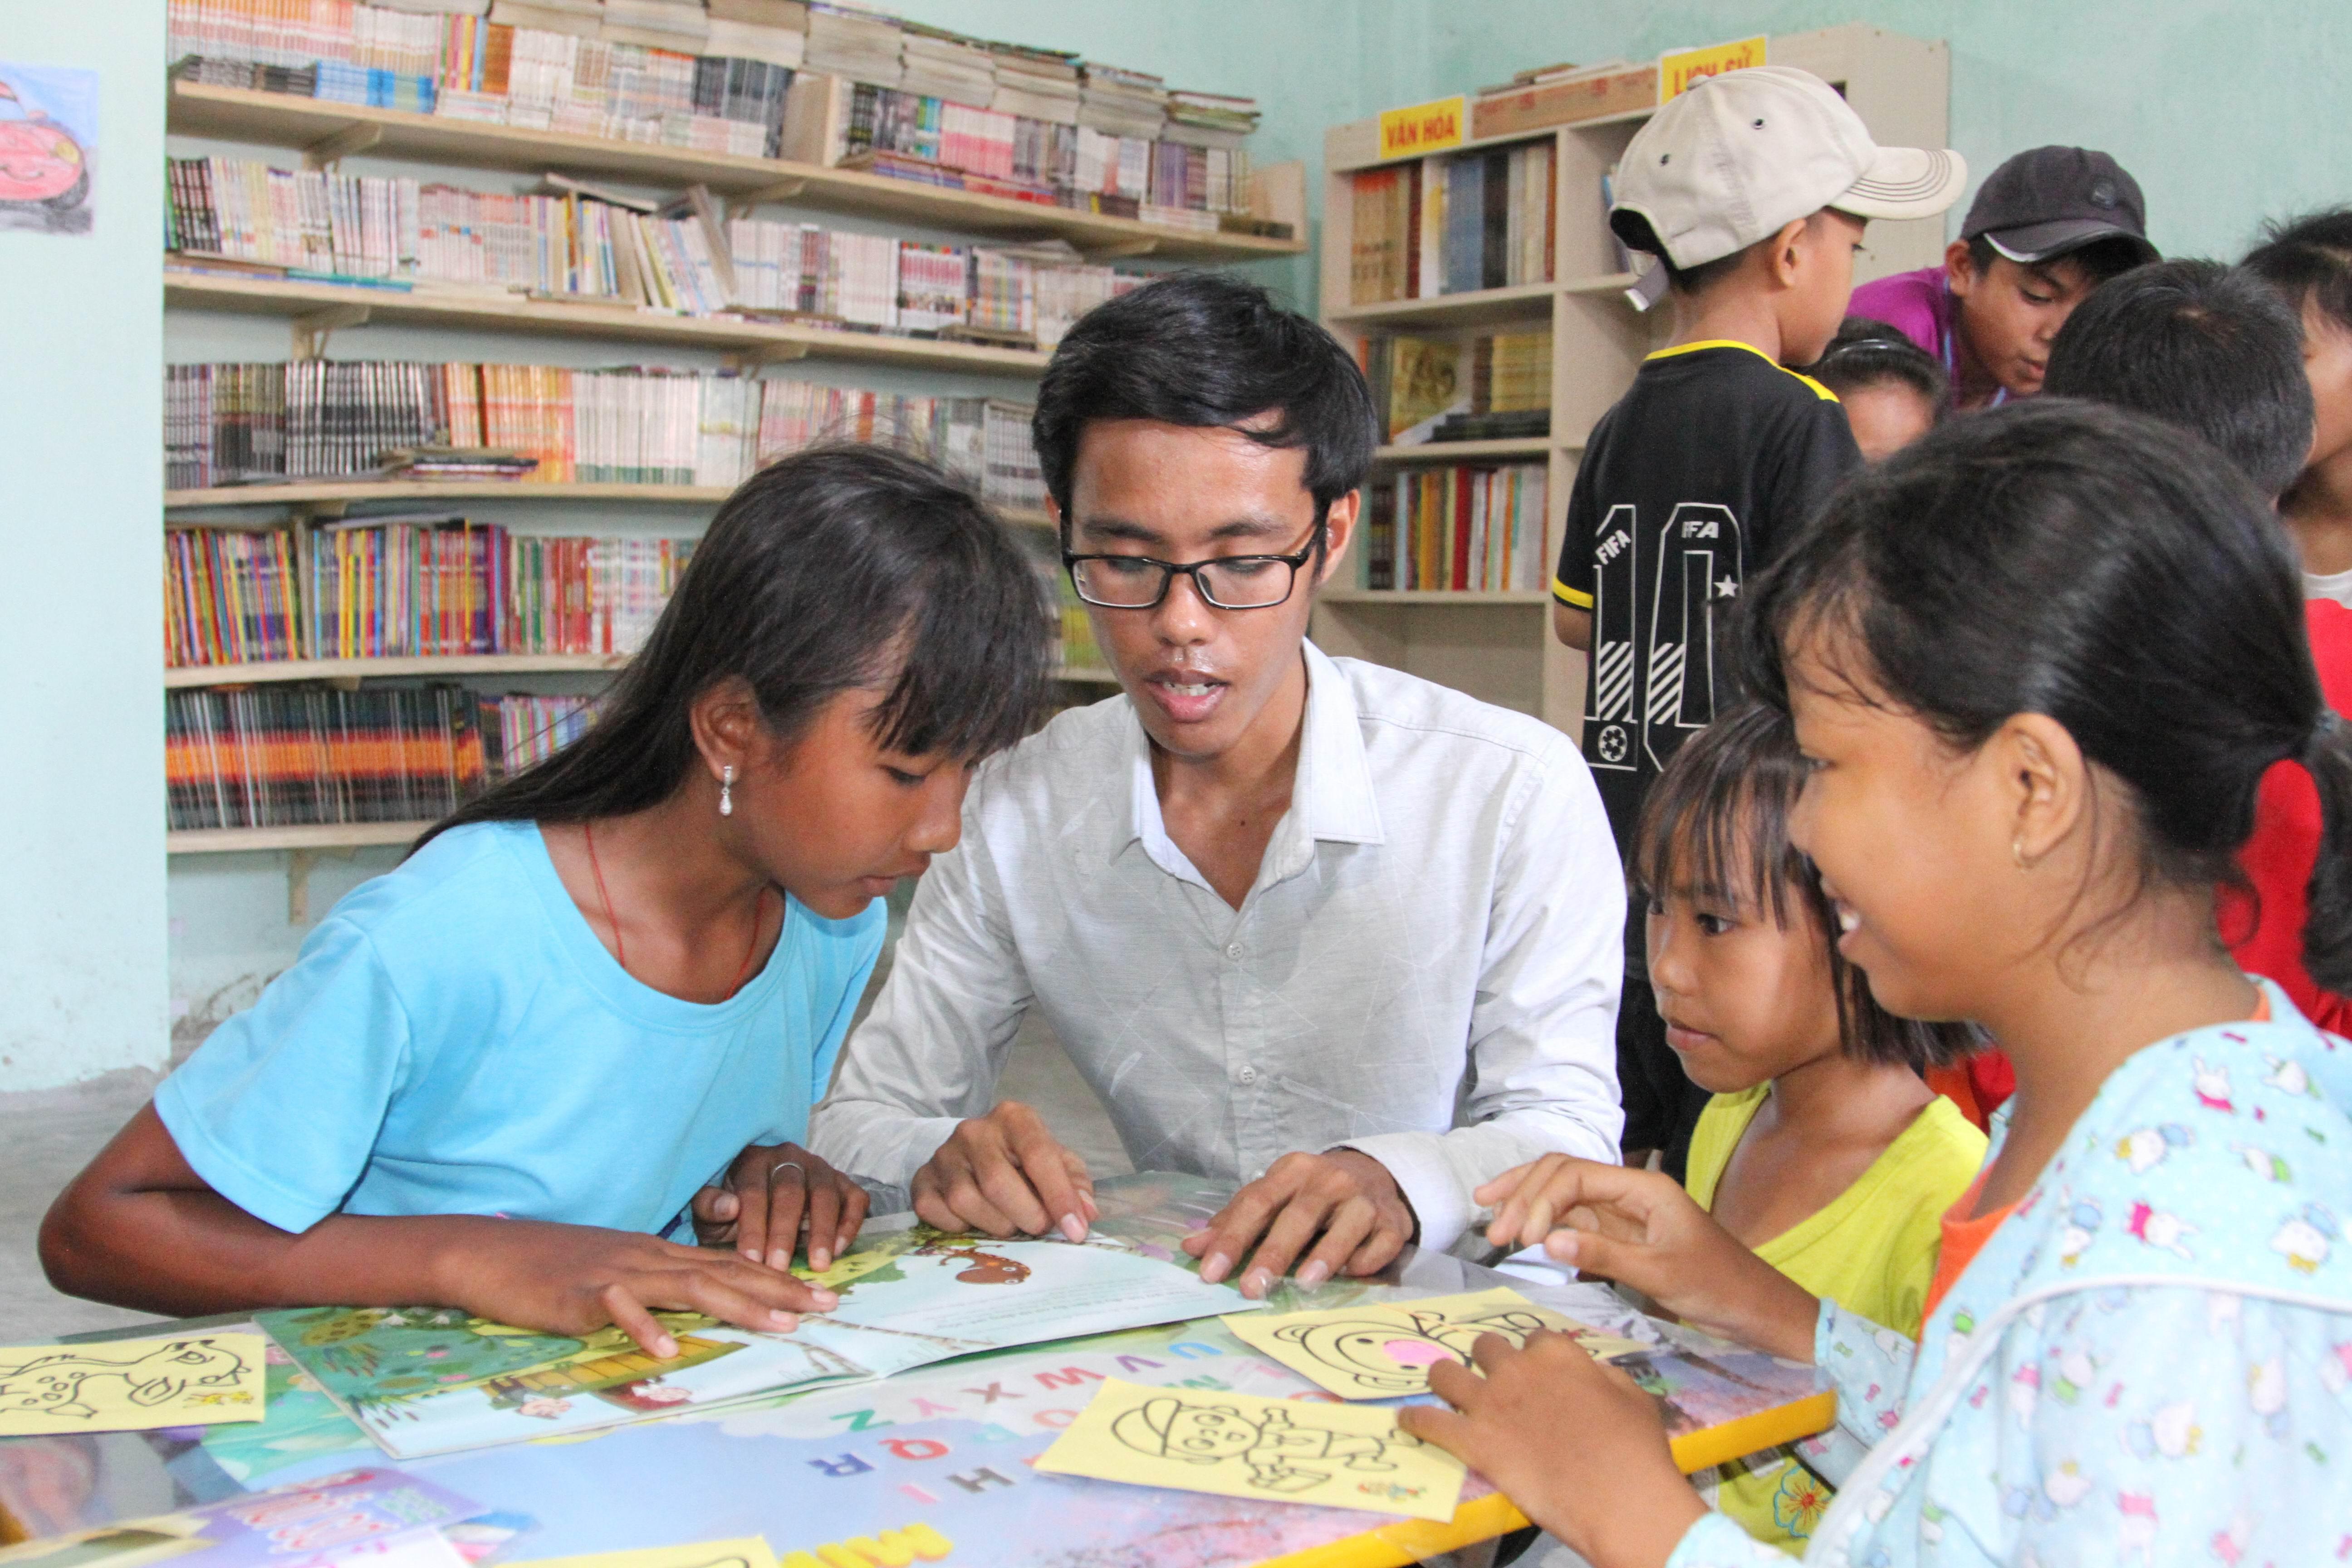 Sinh viên Vạn Đại Phú (đeo kính) trong thư viện cộng đồng tại làng Chăm Hoài Ni, xã Phước Thái, huyện Ninh Phước (Ninh Thuận).